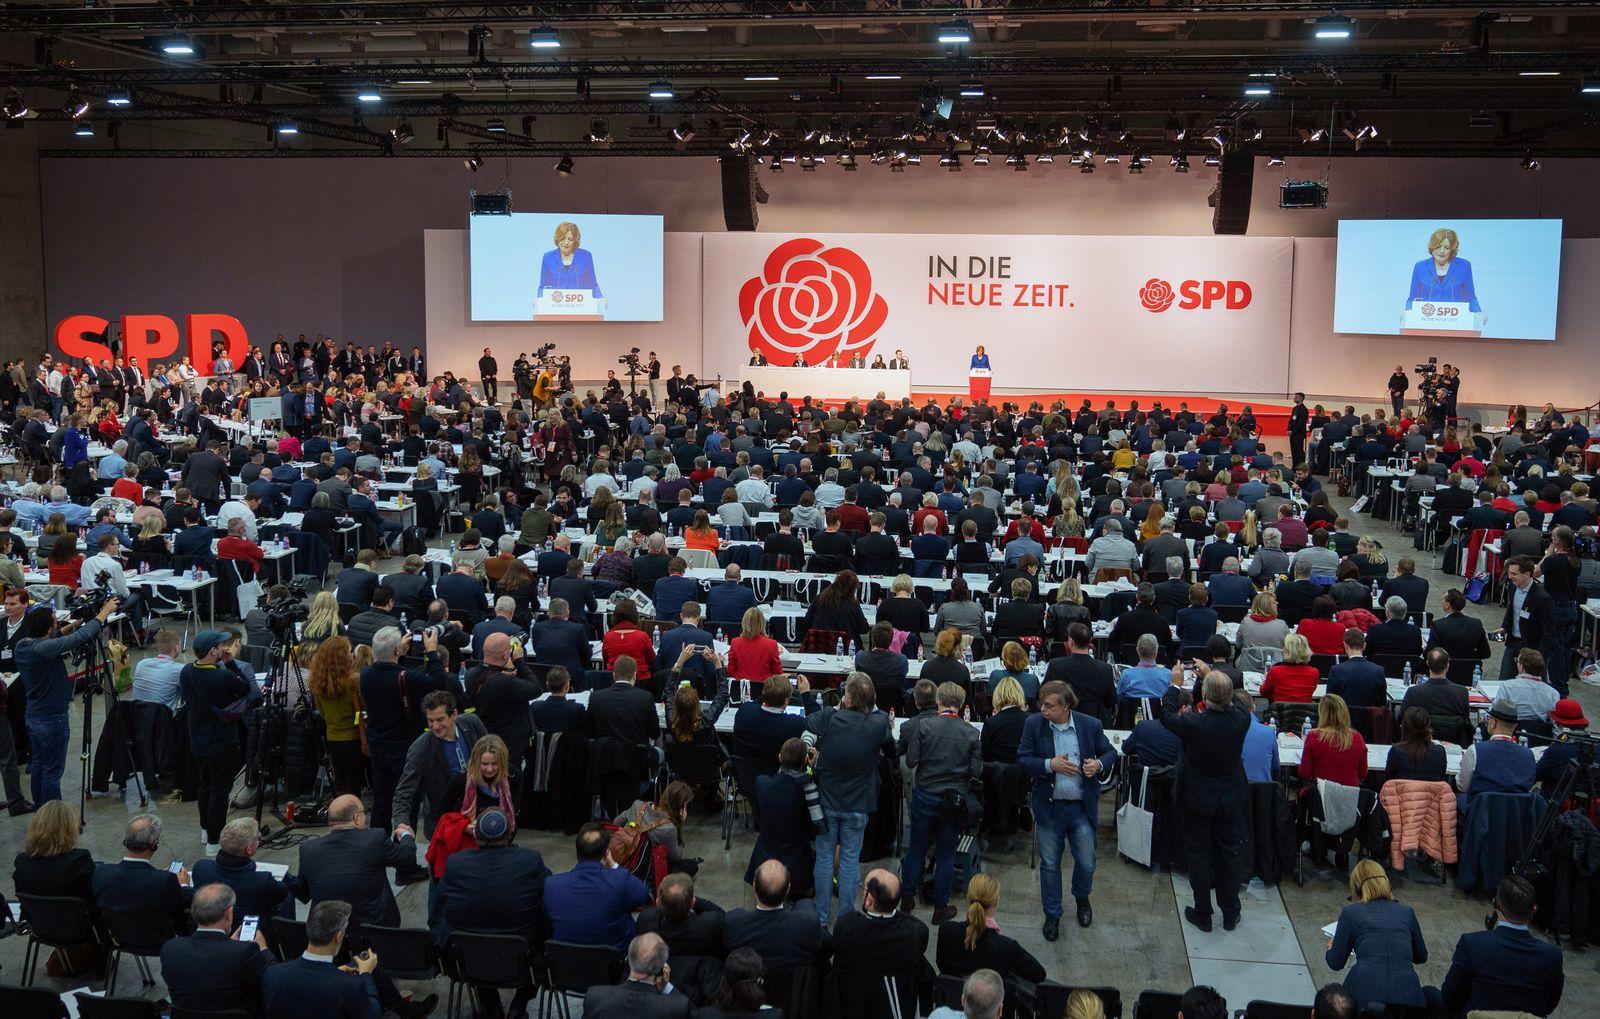 SPD/ Bundesparteitag